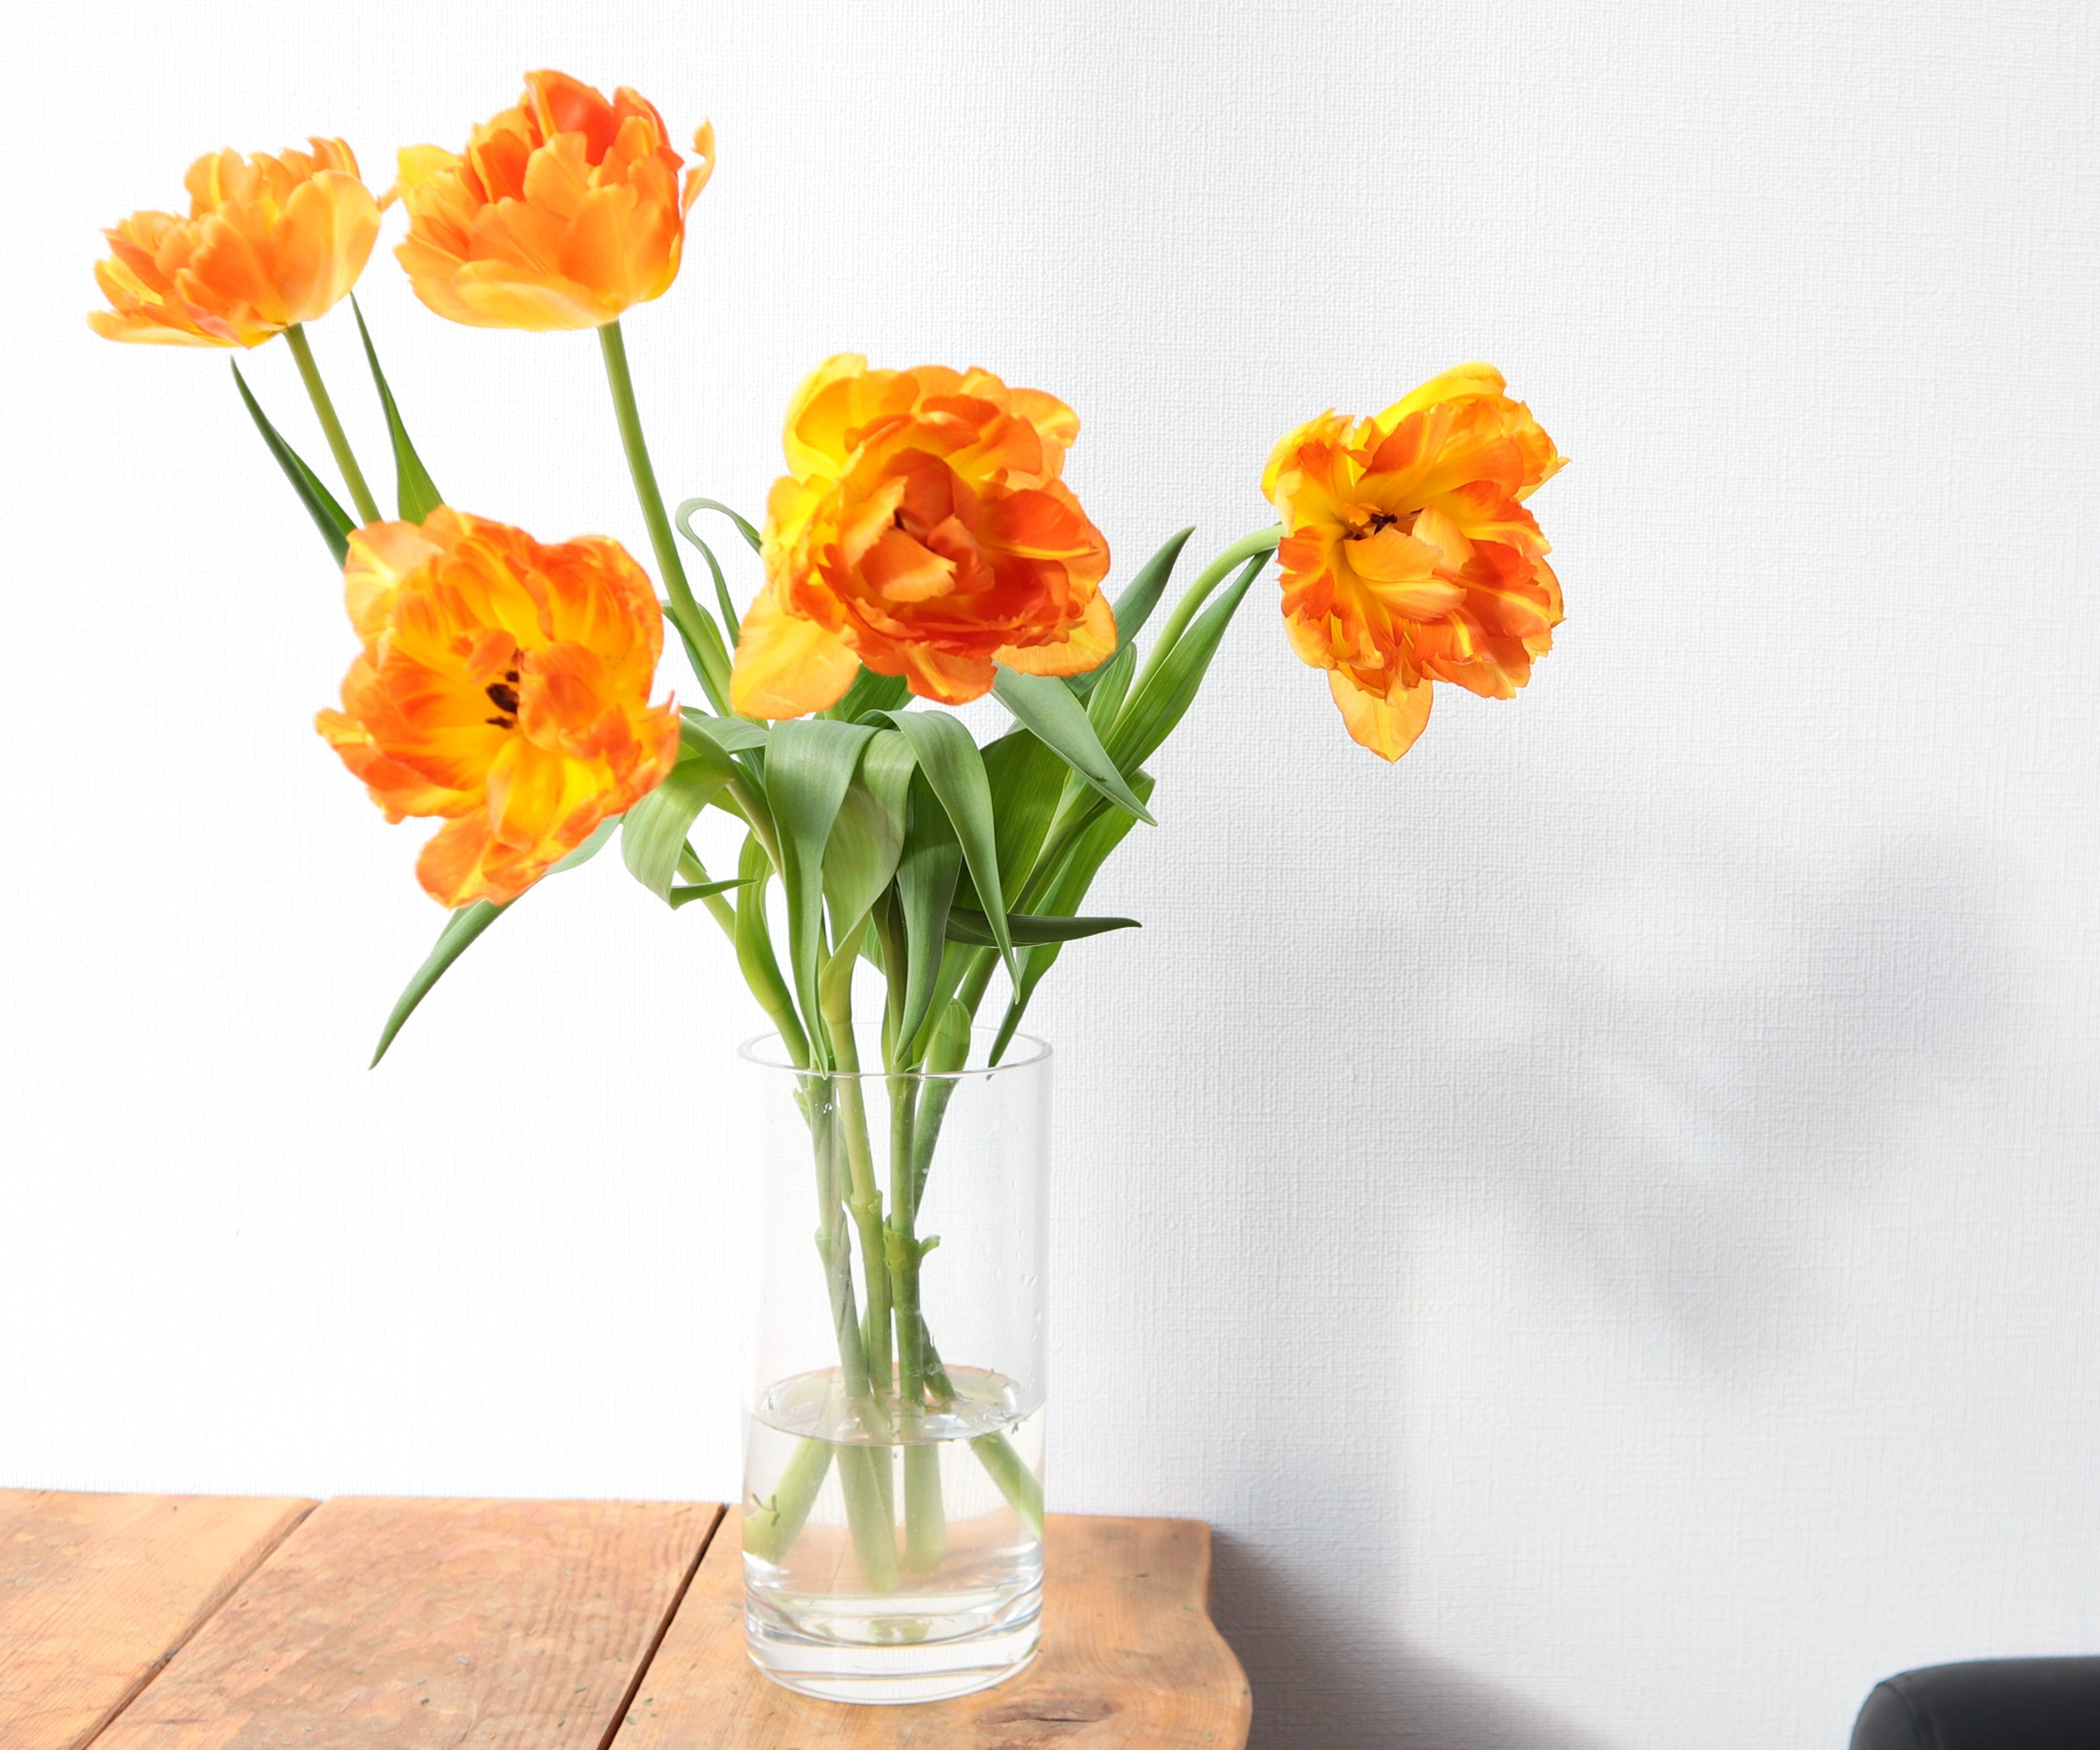 ★送料無料 !八重咲きチューリップ オレンジ色グラデーション『モンテオレンジ』